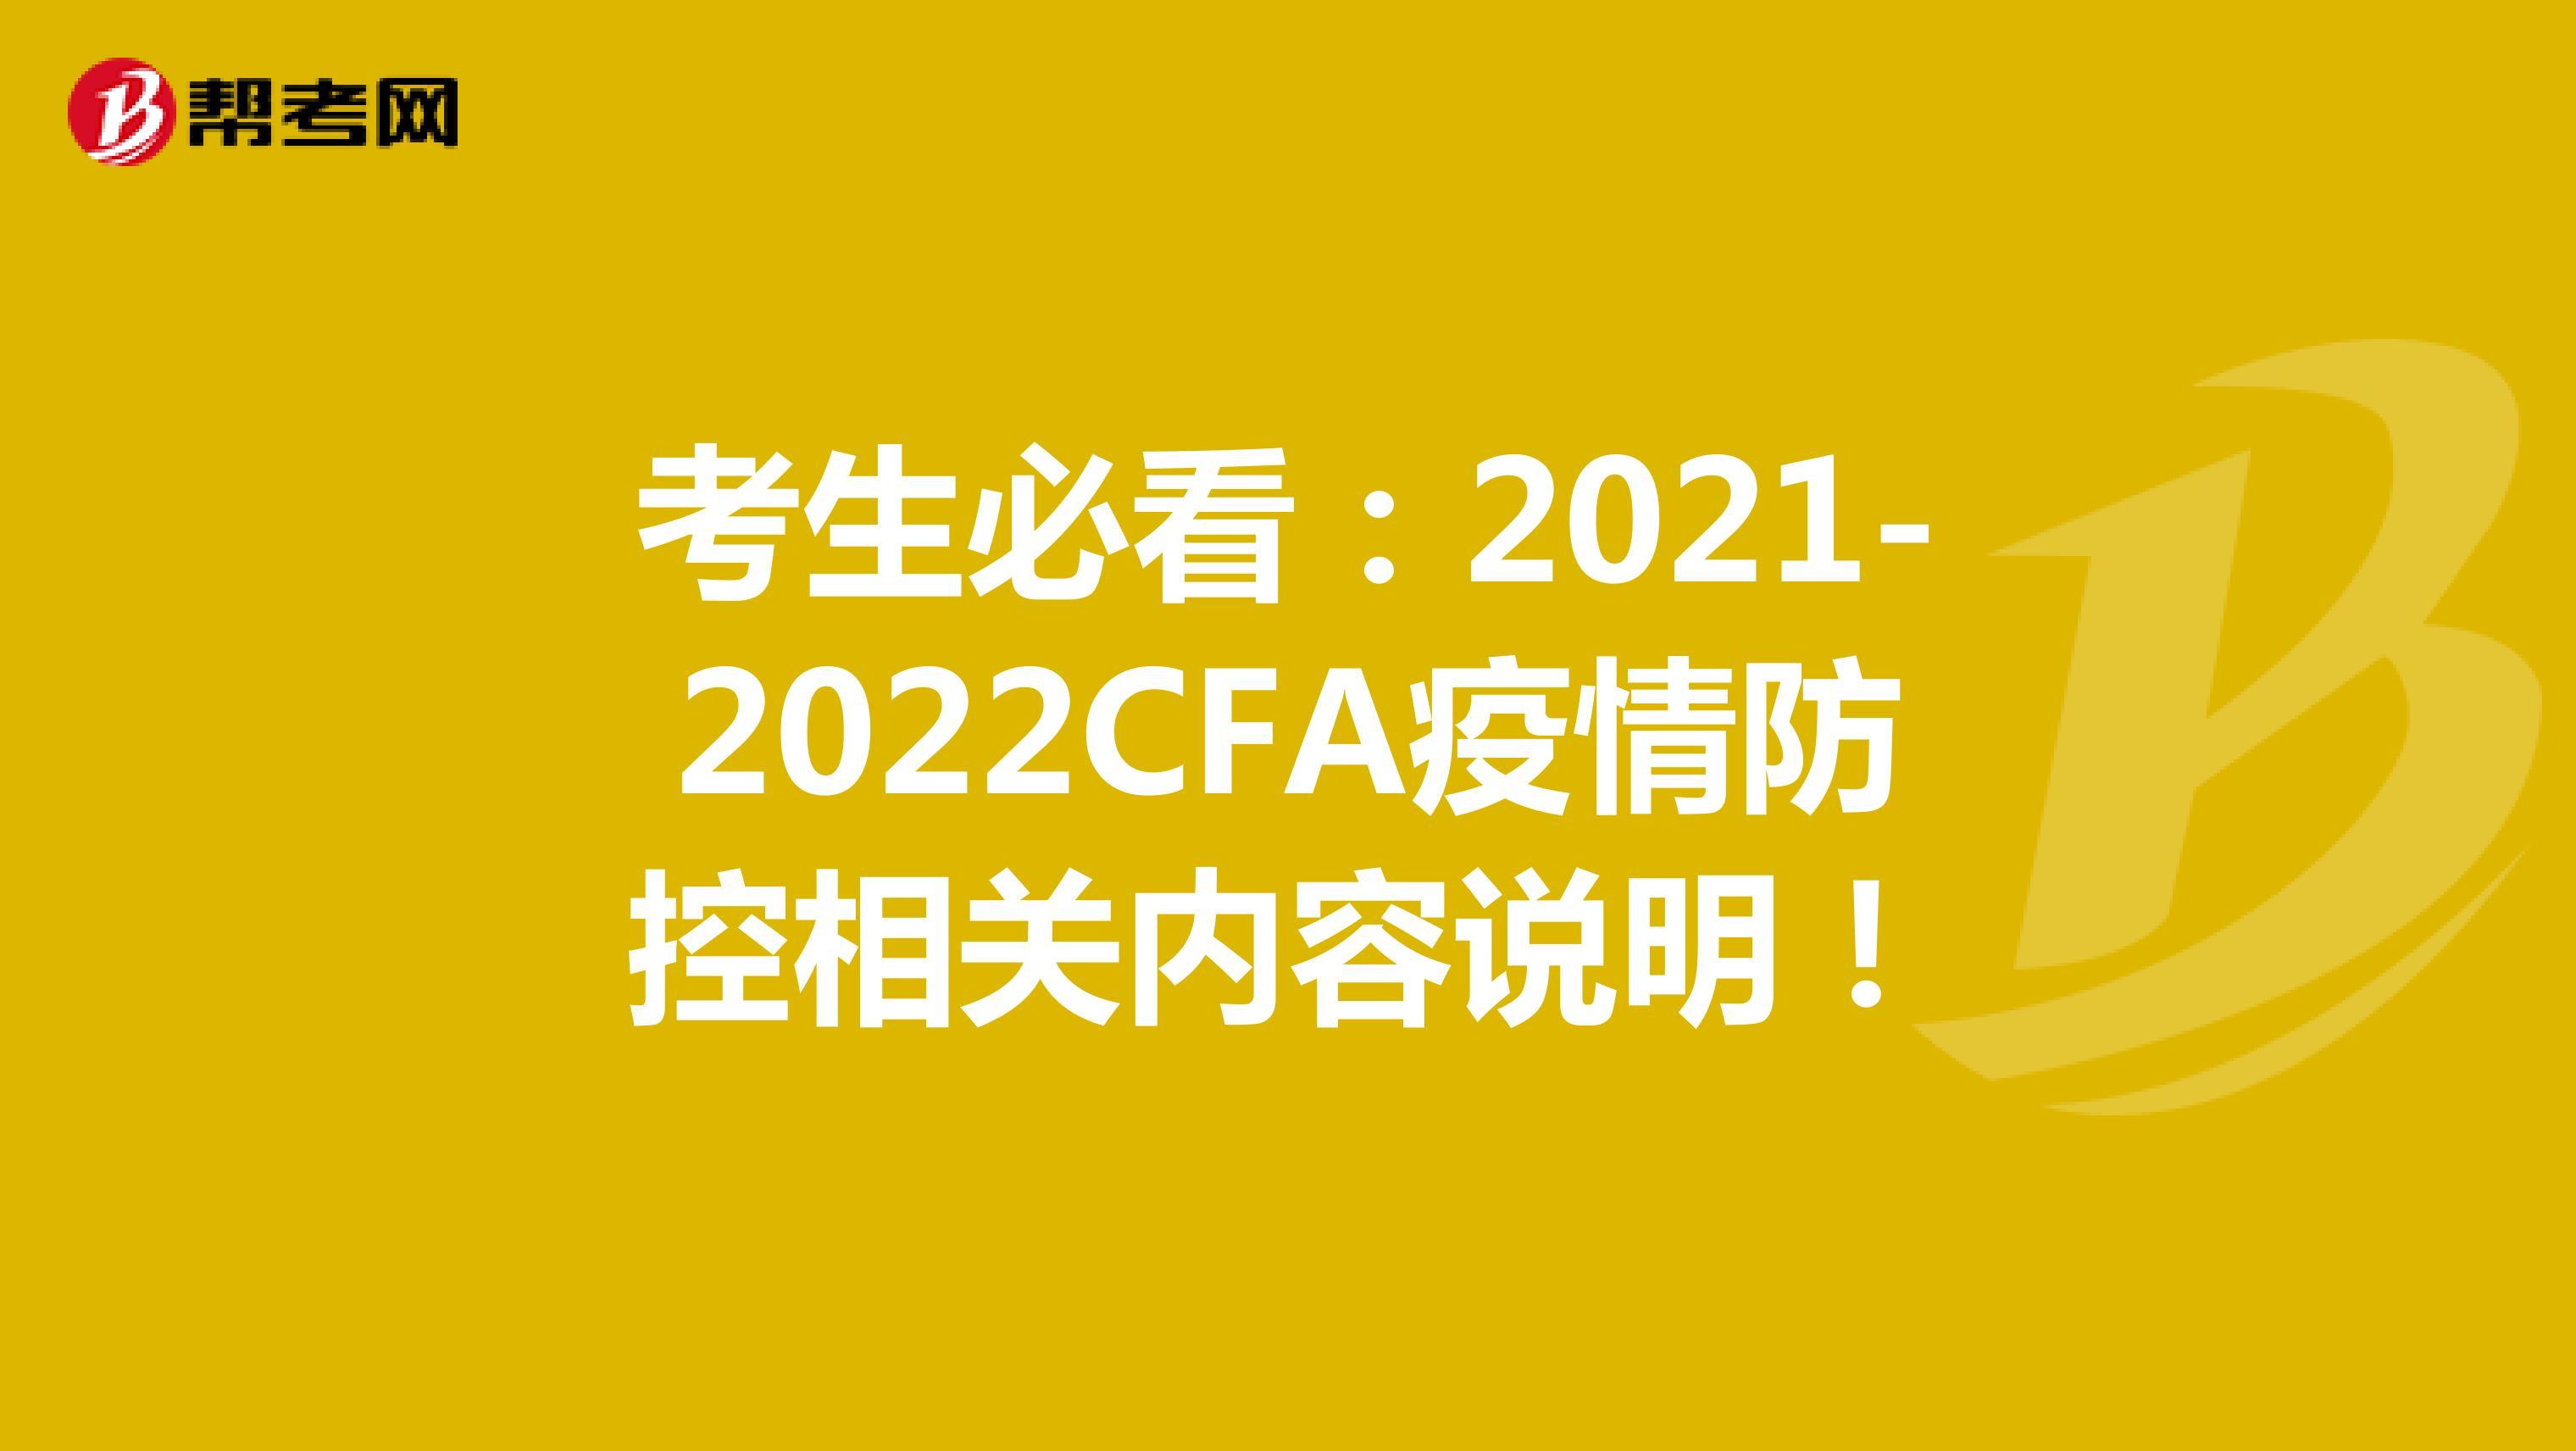 考生必看:2021-2022CFA疫情防控相关内容说明!